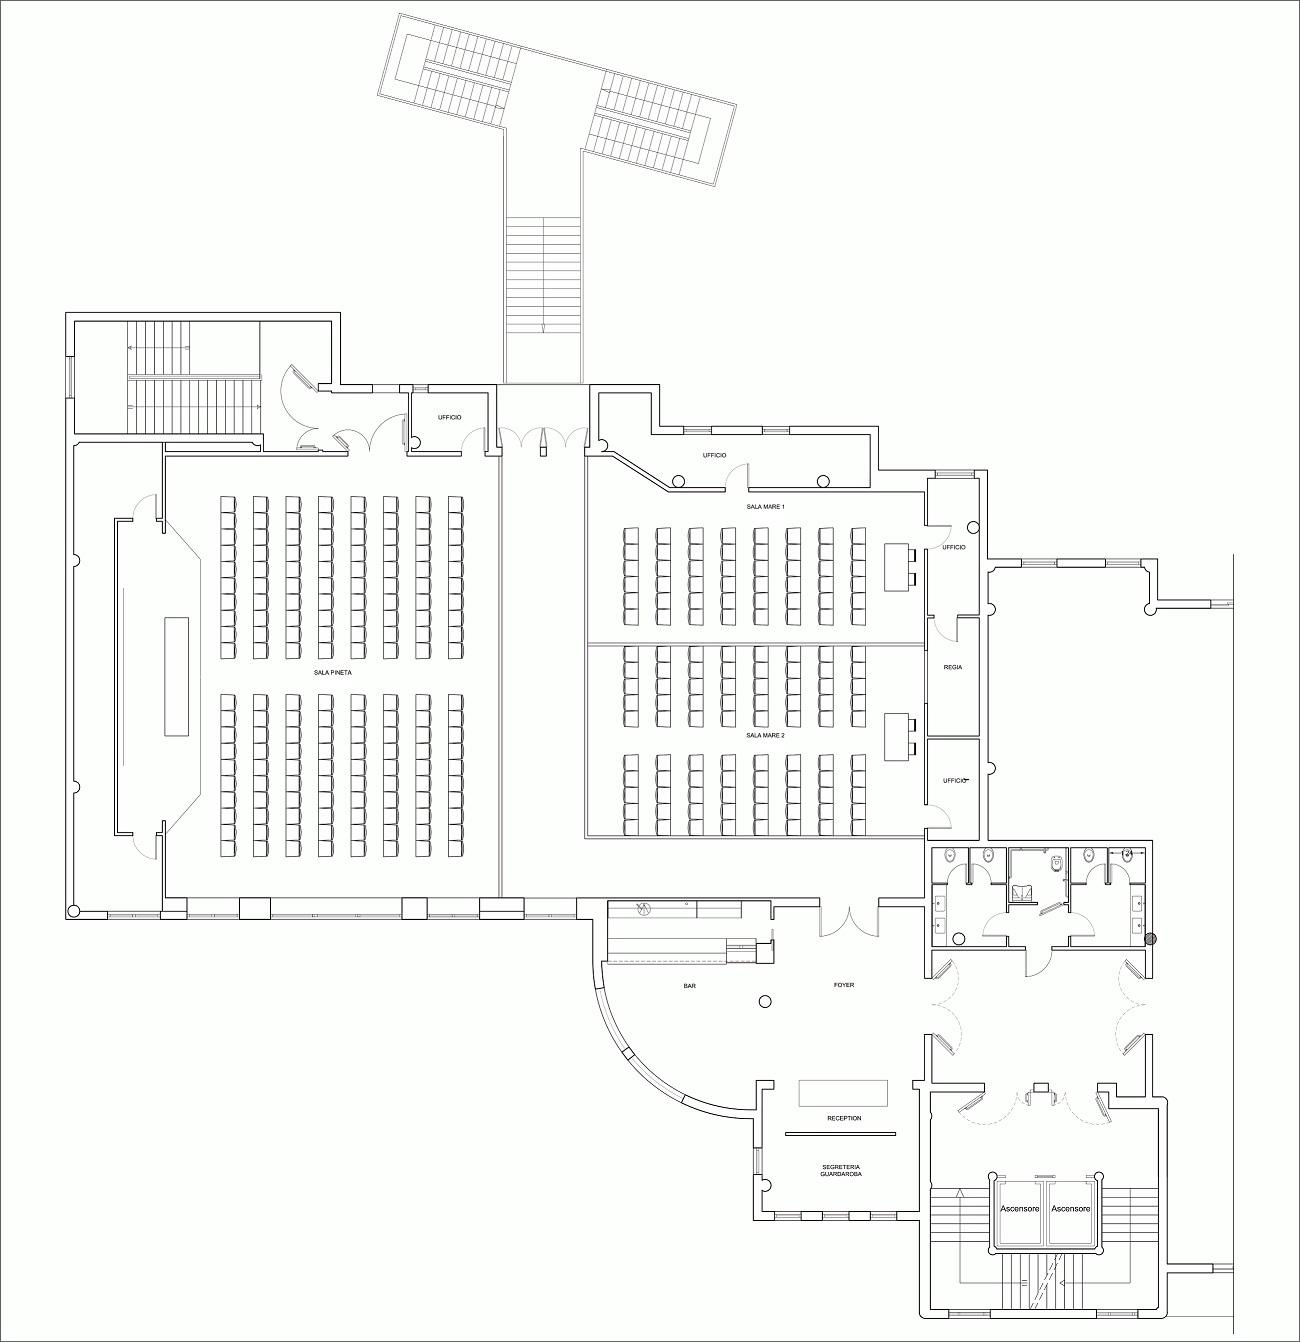 Dimensioni Sala Conferenze 100 Posti.Centro Congressi E Meeting In Abruzzo Villaggio Salinello